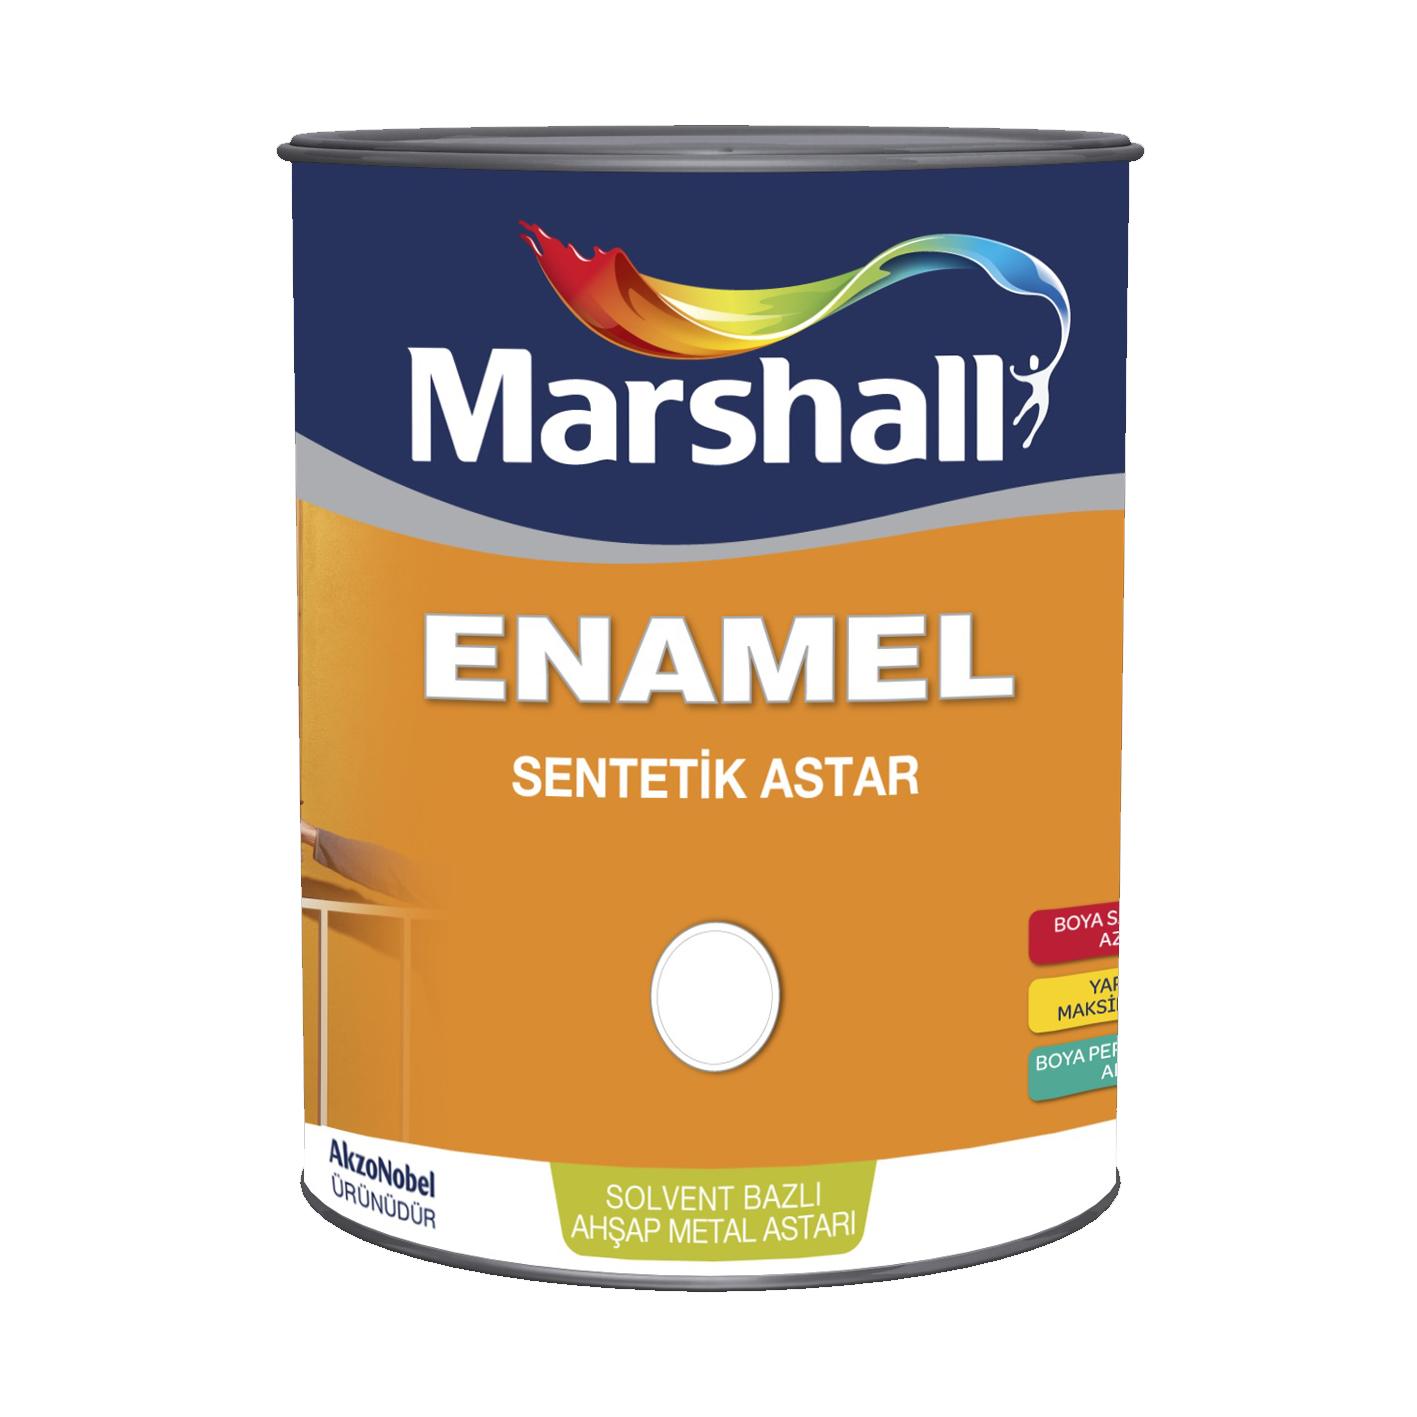 Marshall Enamel Sentetik Astar 0.75Lt